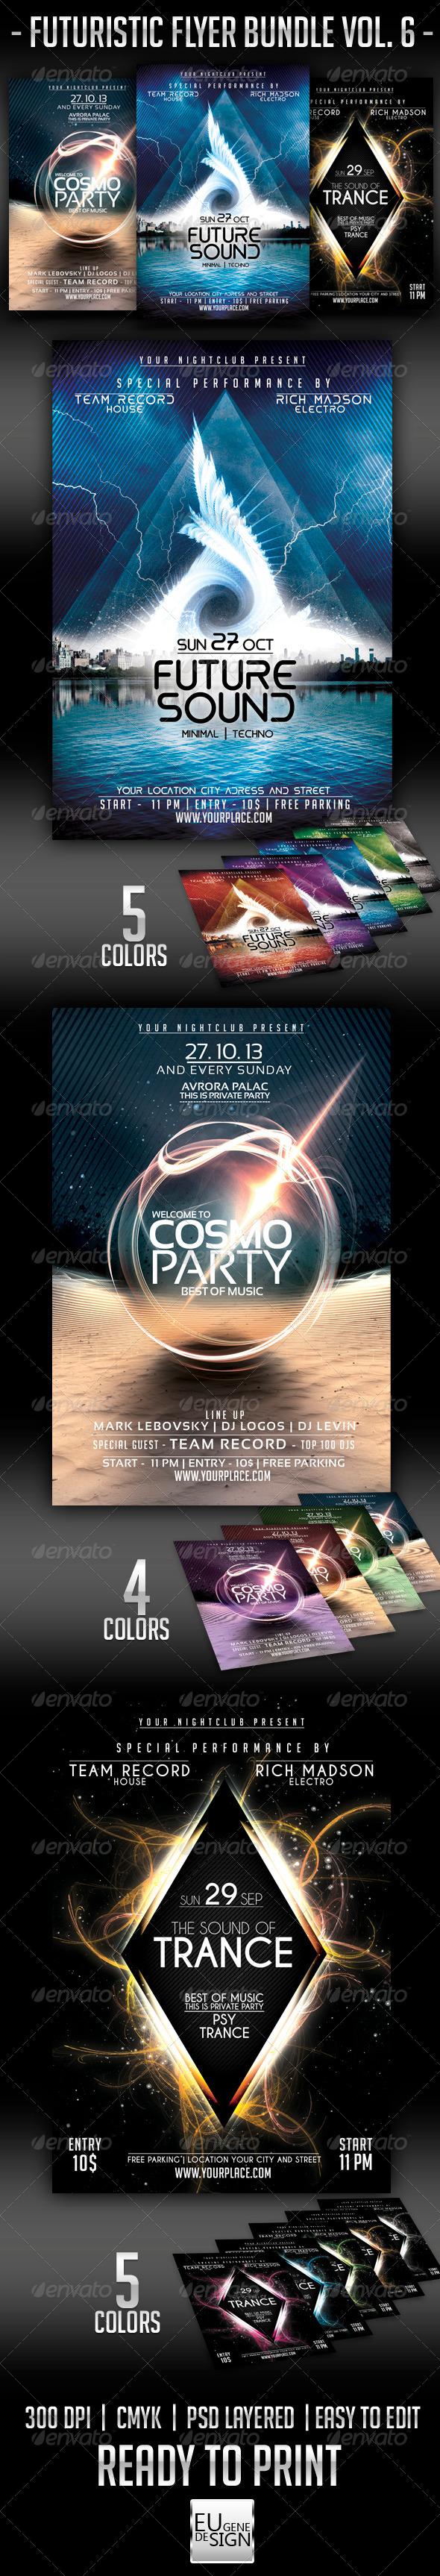 Futuristic Flyer Bundle Vol. 6 - Clubs & Parties Events